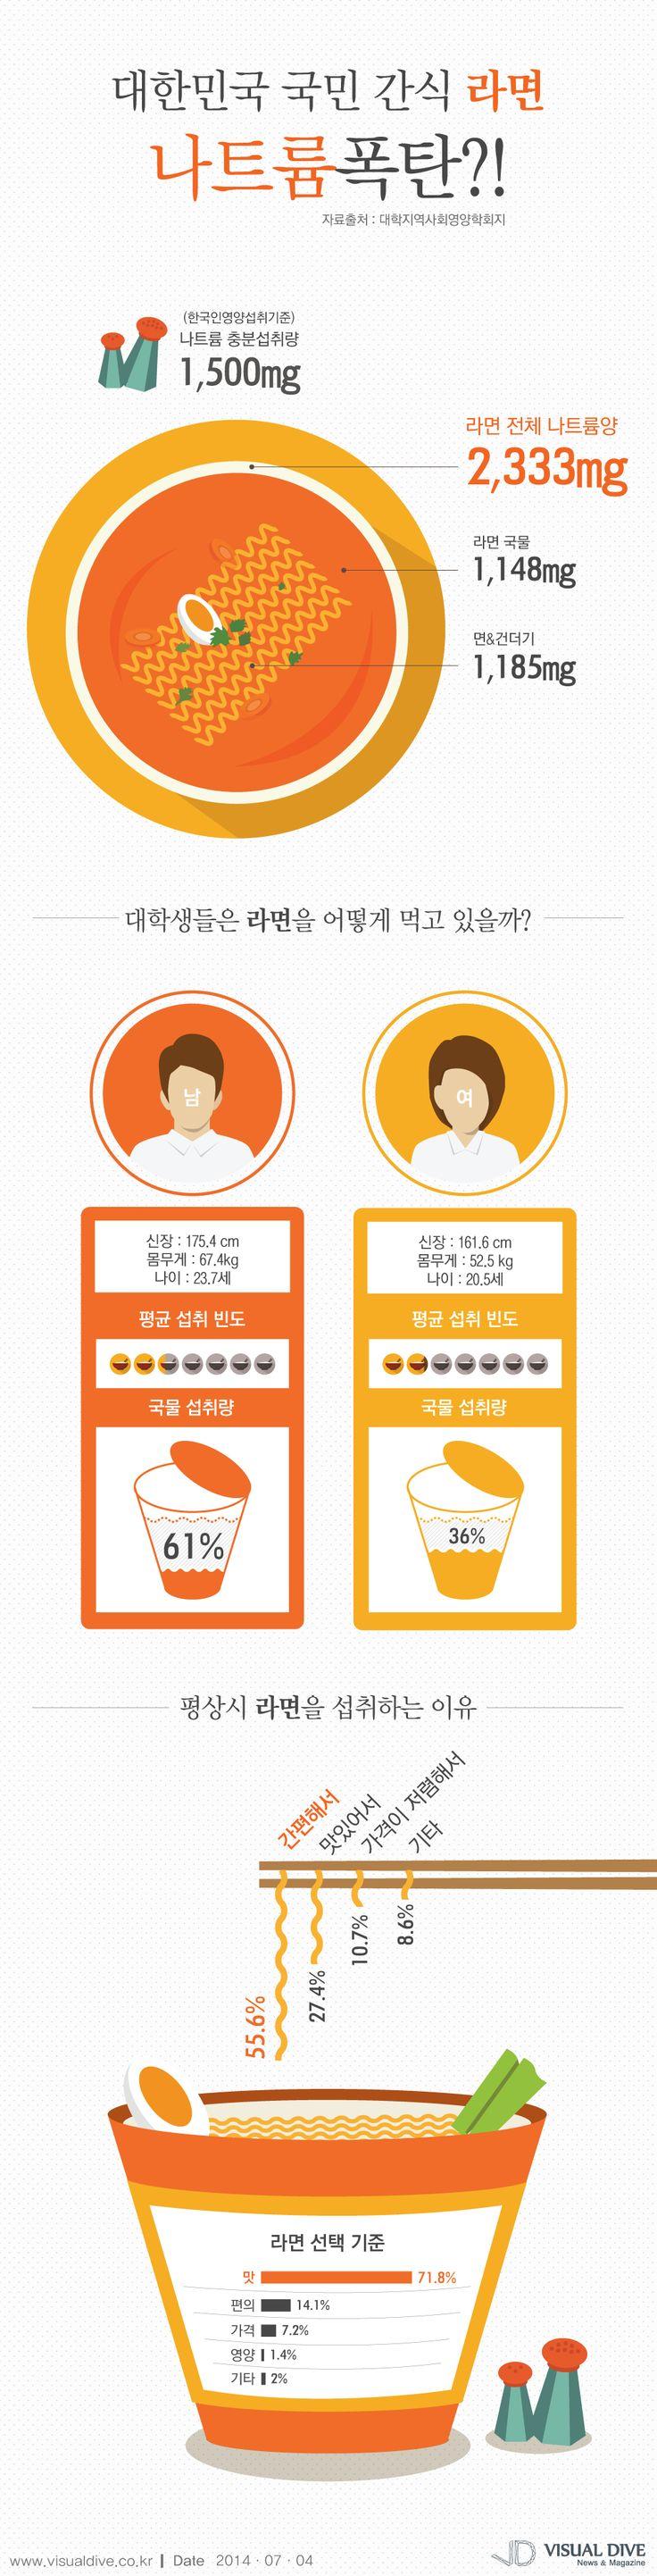 대한민국 국민 간식 라면…하루 평균 나트륨 충분 섭취량 훌쩍 넘어 [인포그래픽] #sodium / #Infographic ⓒ 비주얼다이브 무단 복사·전재·재배포 금지